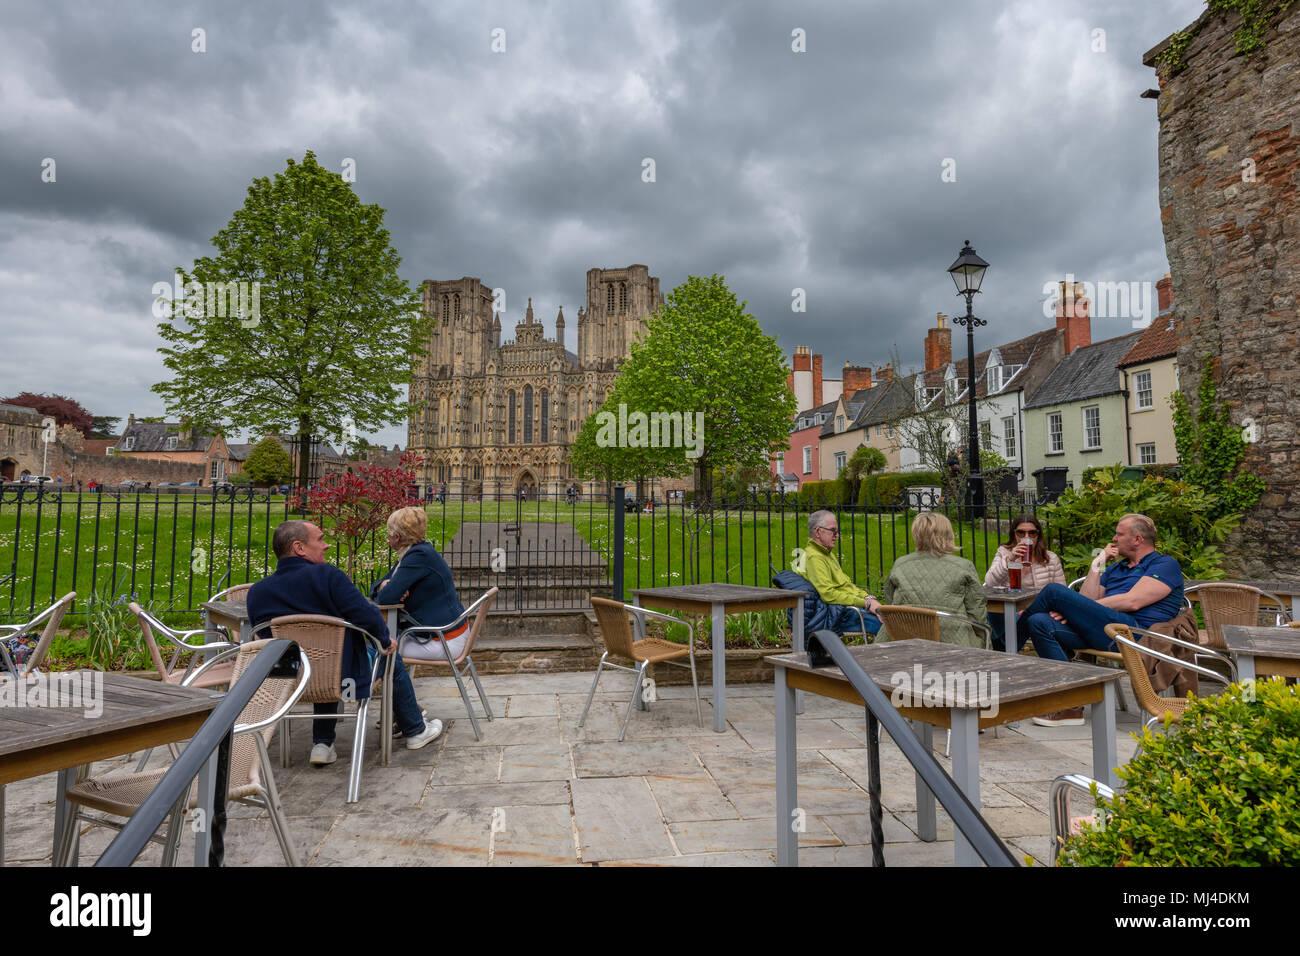 UK Wetter - Menschen mit einem Drink entspannen und den Nachmittag Sonnenschein vor der Kathedrale genießen an der Brunnen in Somerset. Credit: Terry Mathews/Alamy leben Nachrichten Stockbild